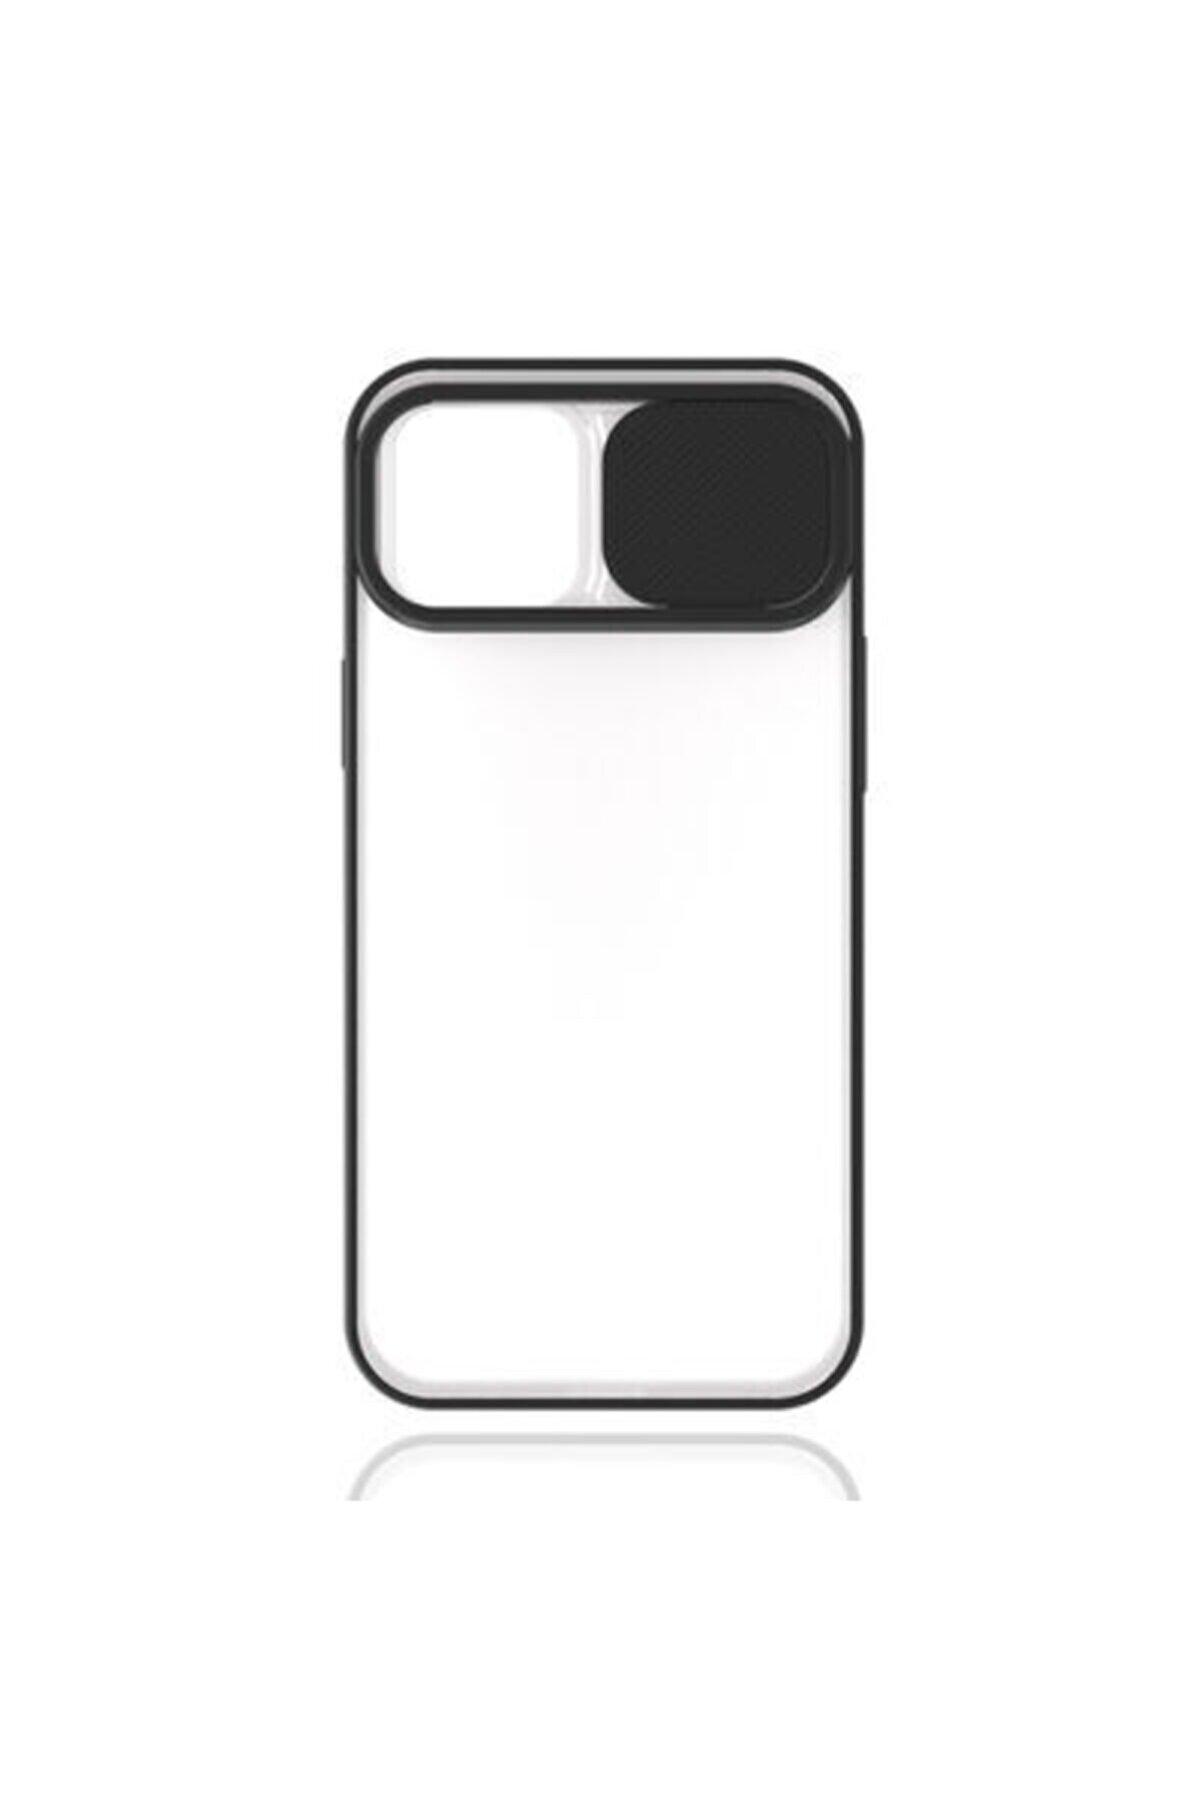 Zore Iphone 12 Pro Uyumlu Lensi Kapak